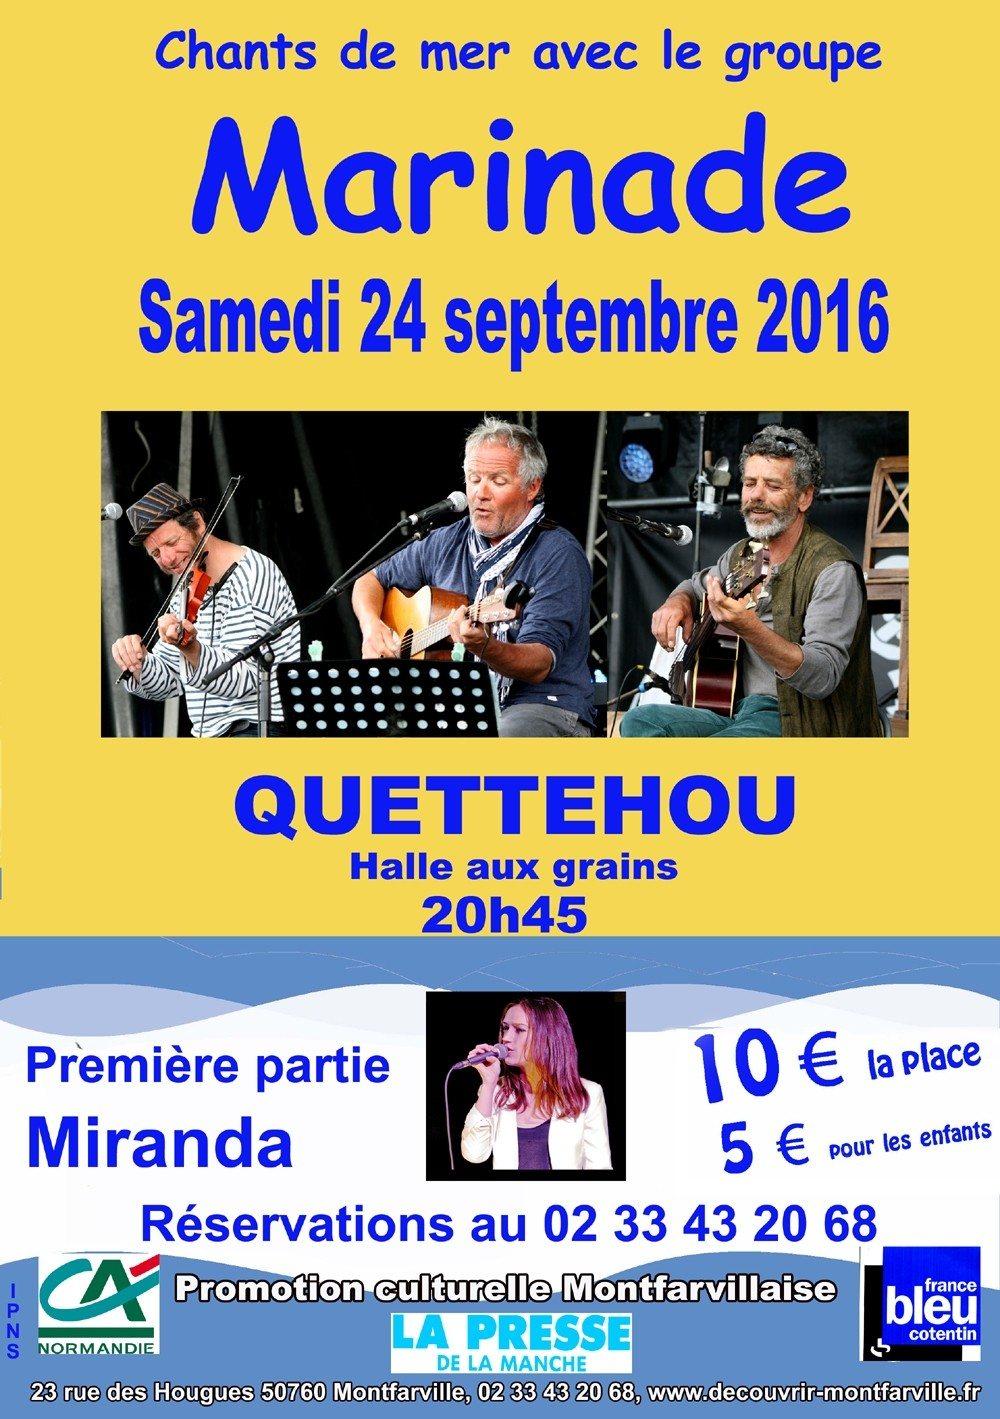 Concert de Miranda et Marinade Quettehou